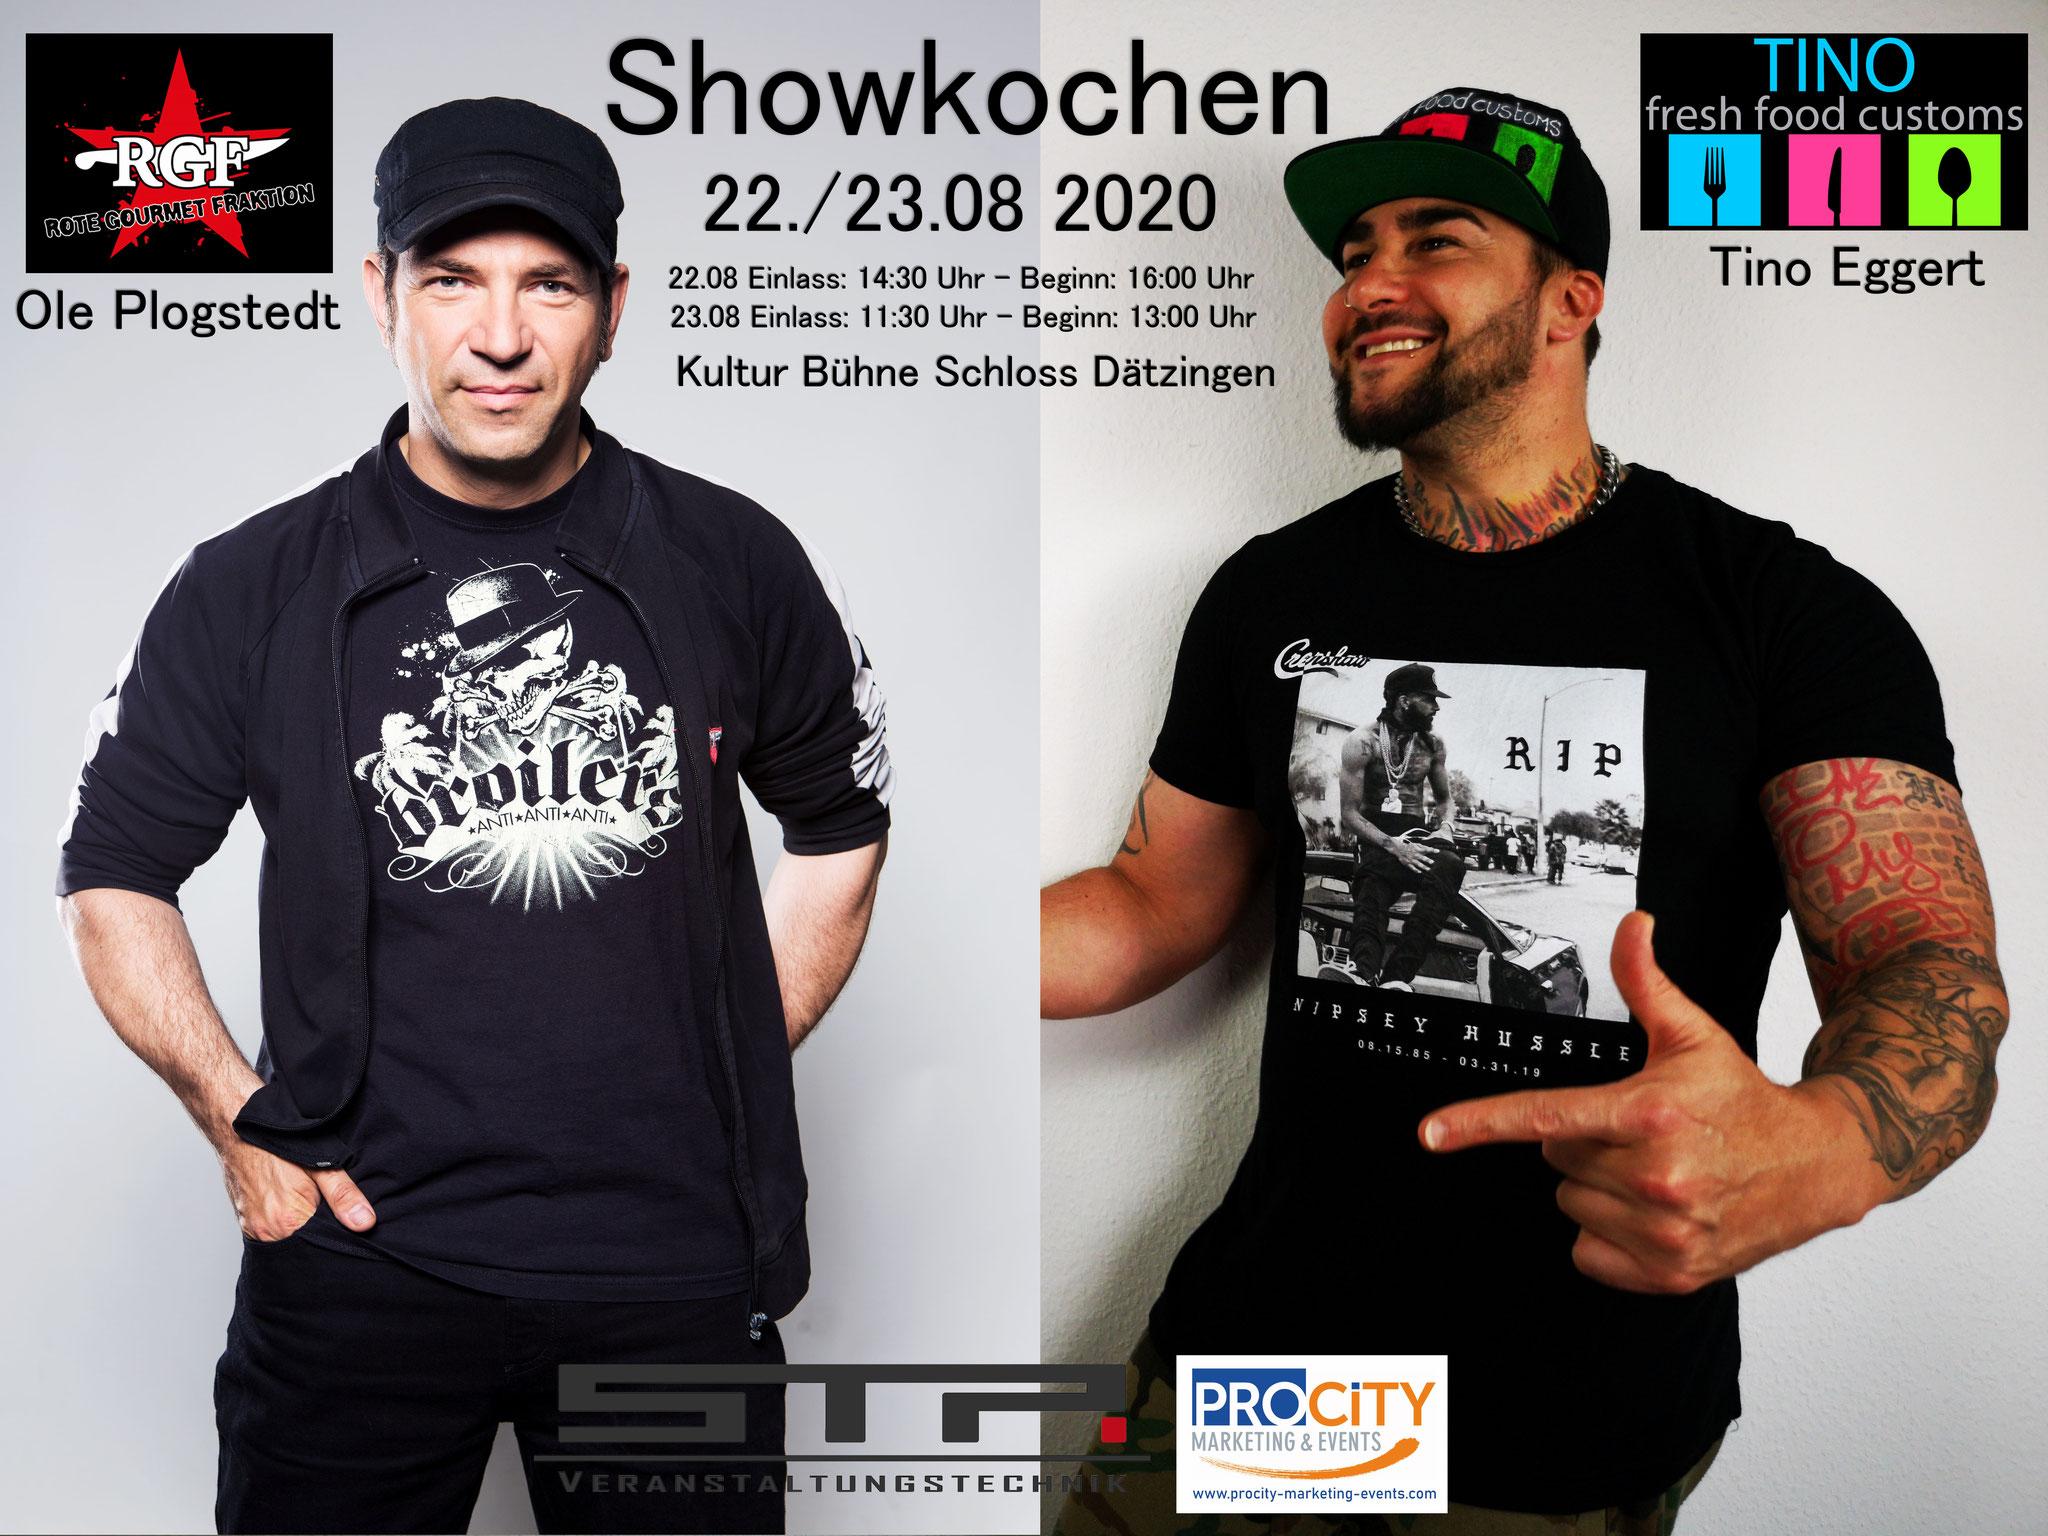 Showkochen mit TV Profi-Koch Ole Plogstedt